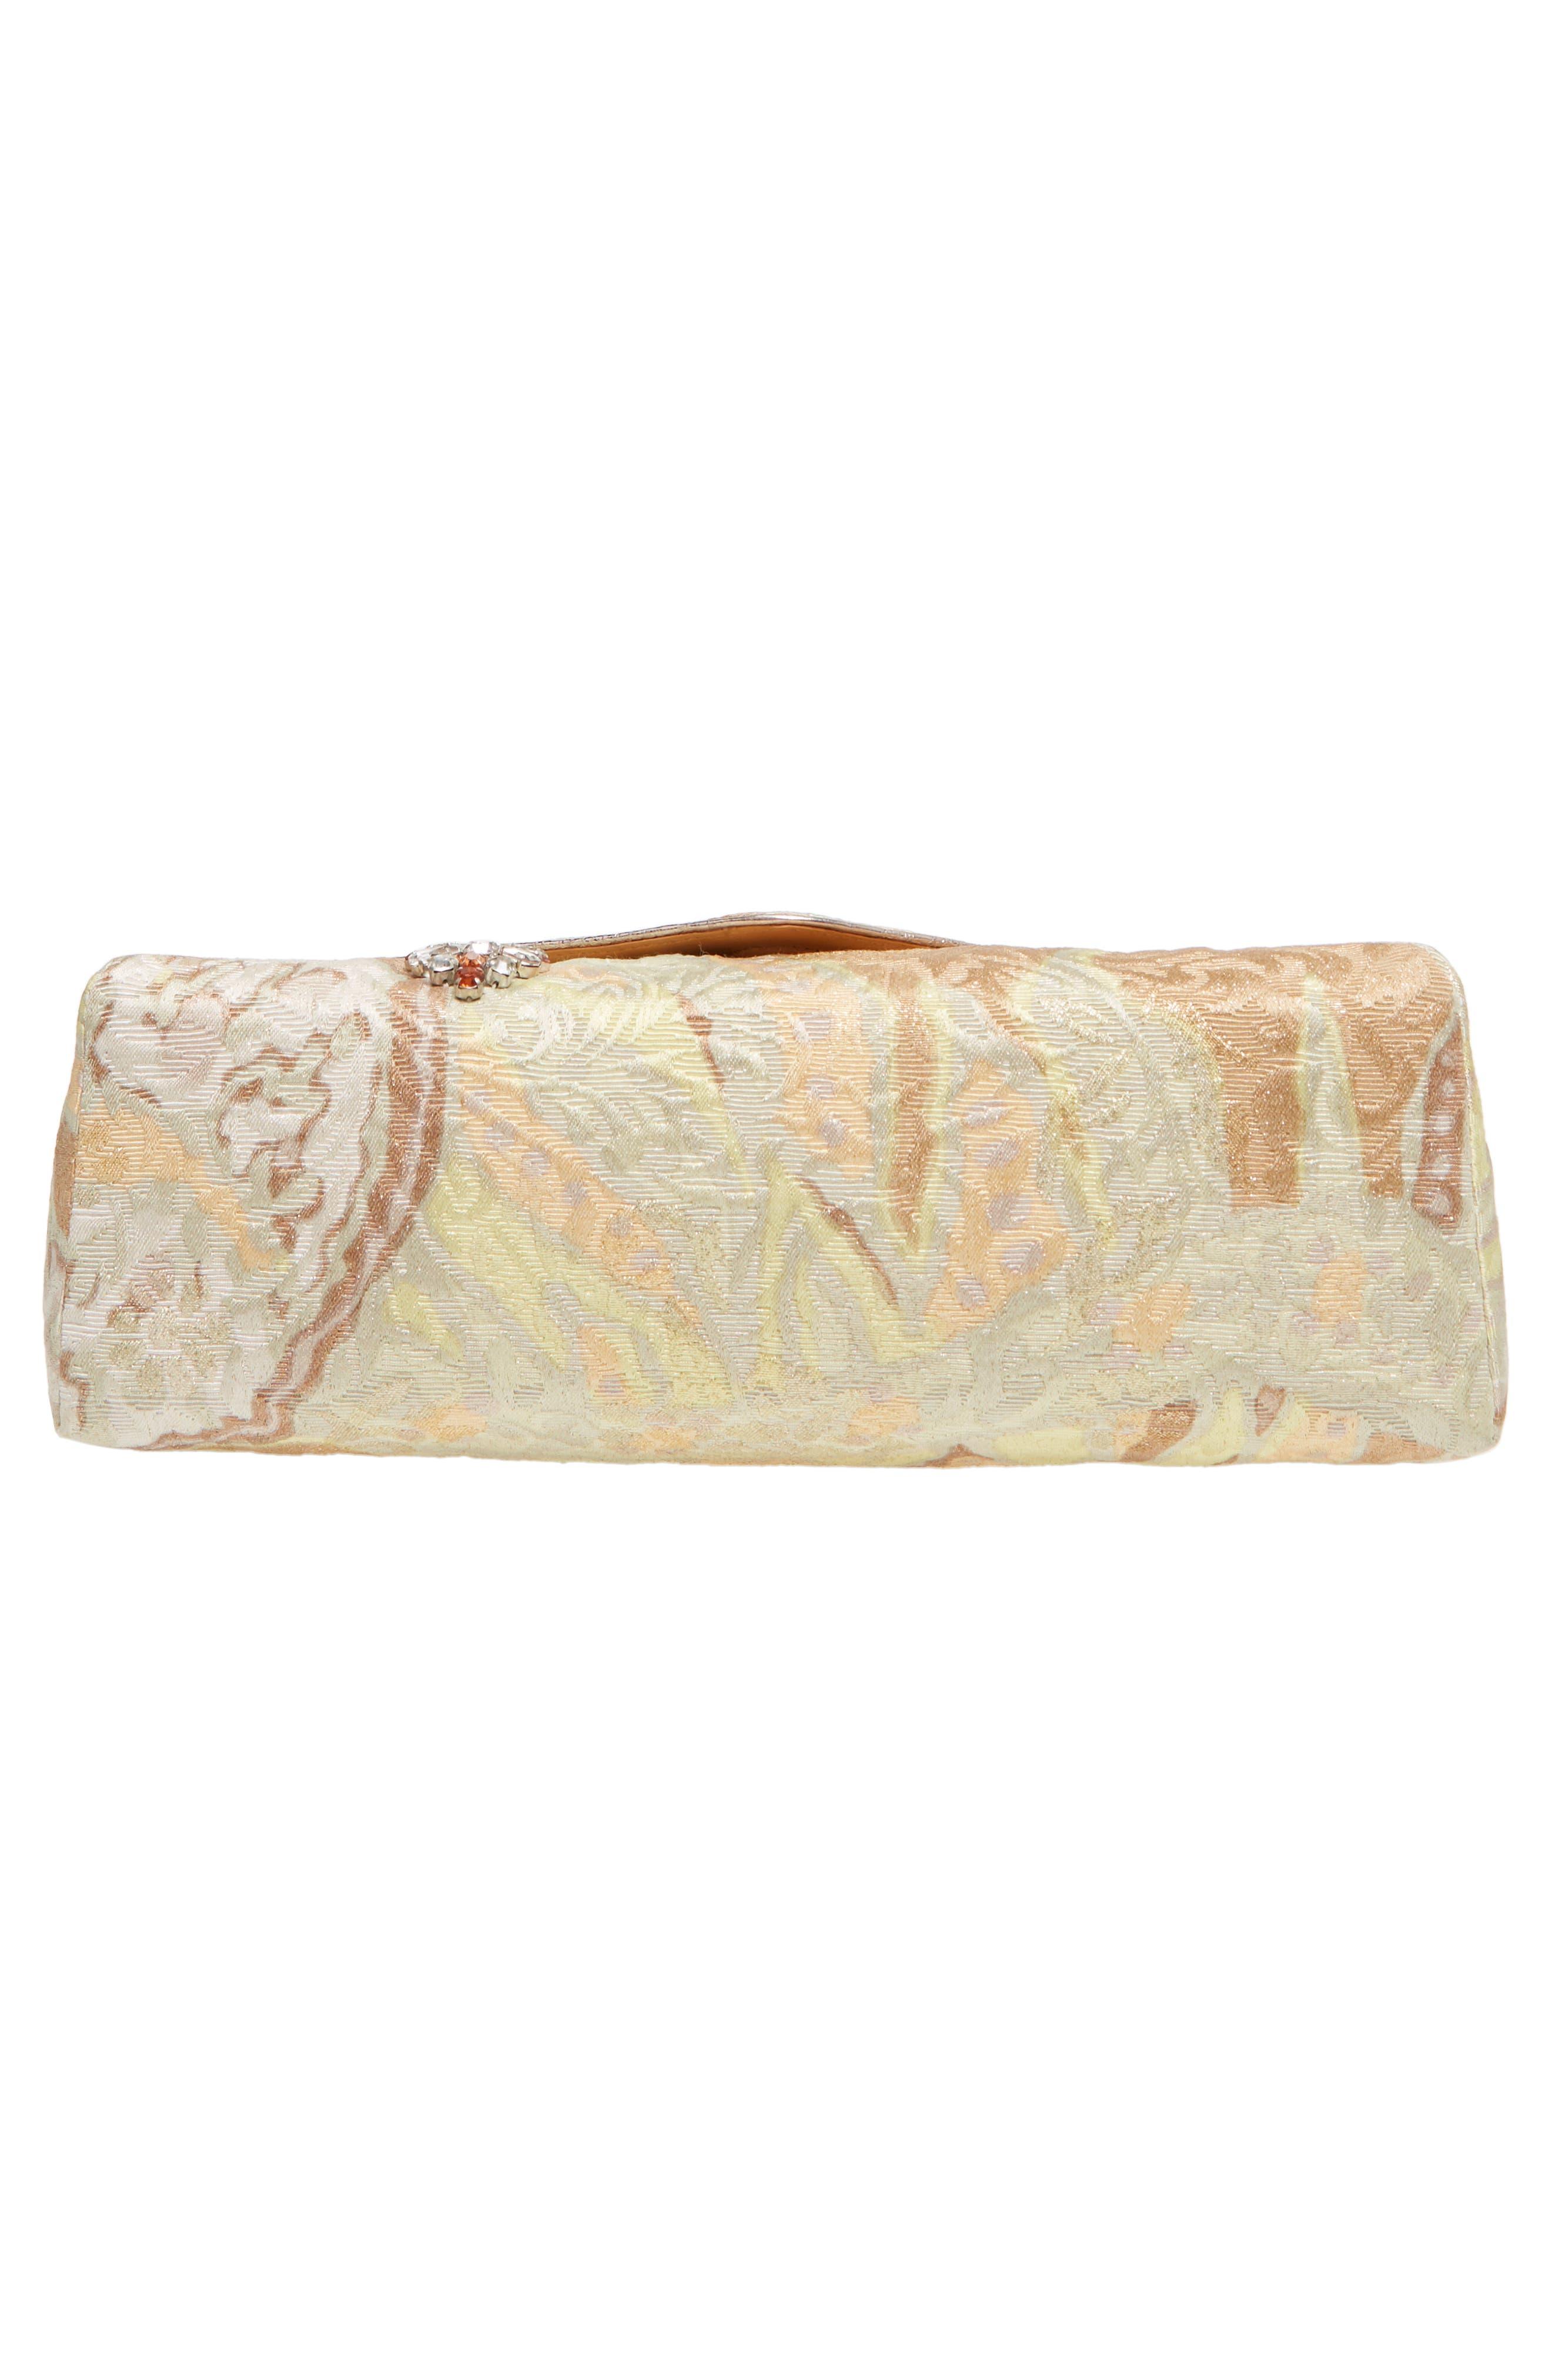 Crystal Embellished Brocade Envelope Clutch,                             Alternate thumbnail 6, color,                             NATURAL